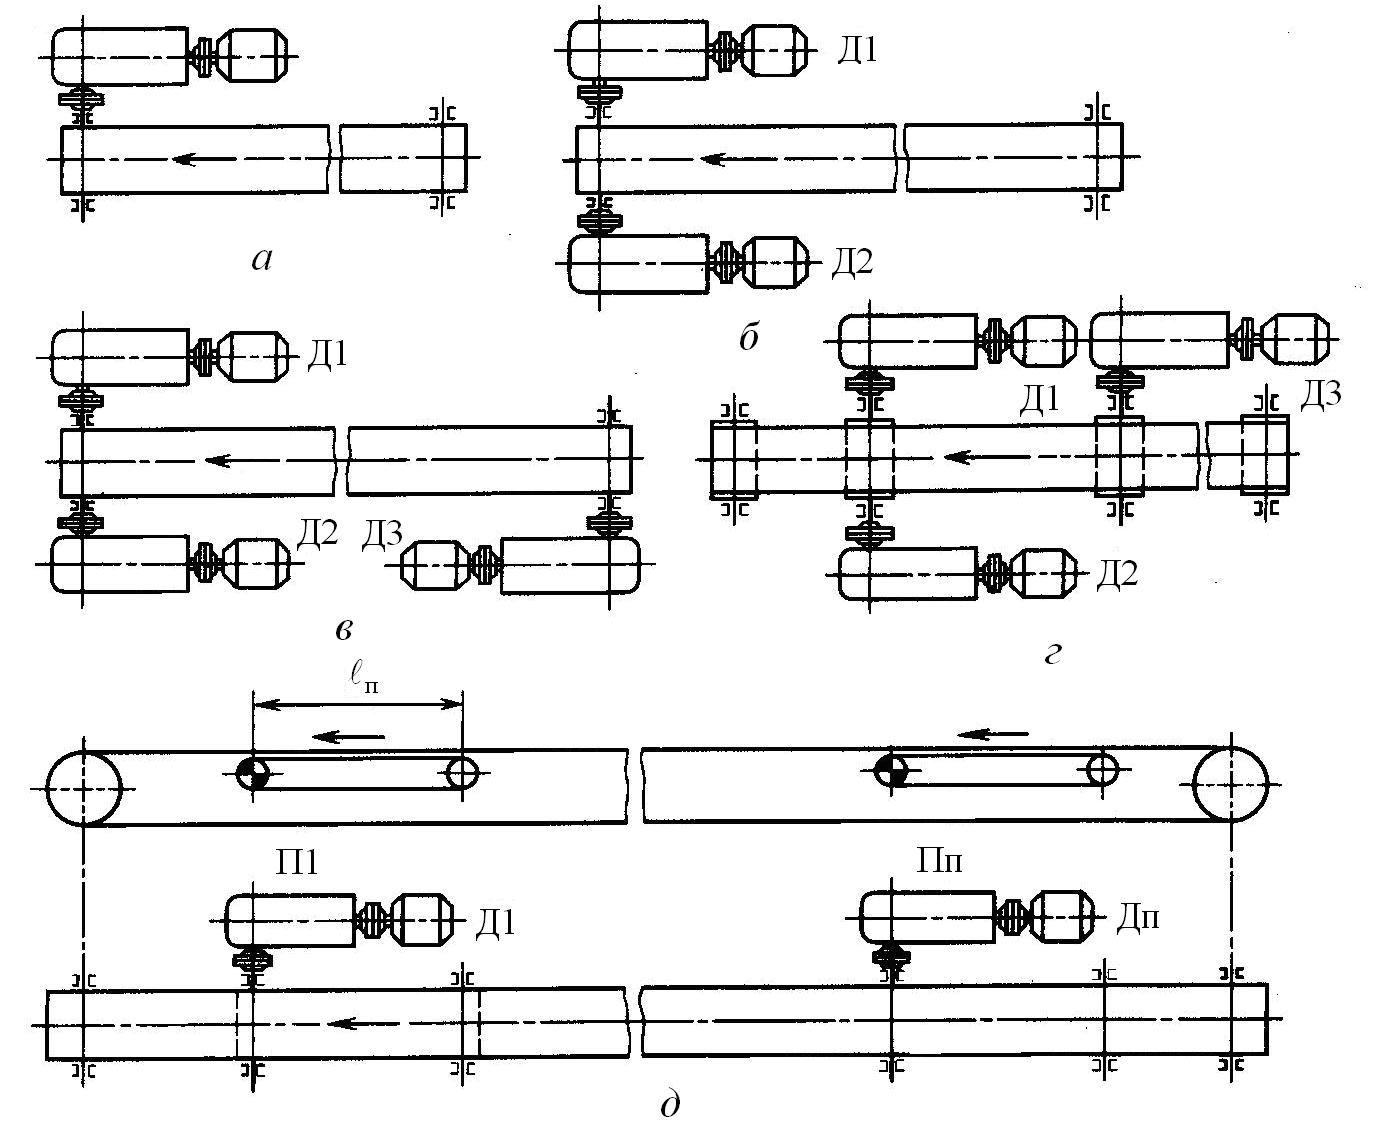 Опорные устройства конвейеров бесконтактный датчик на конвейере